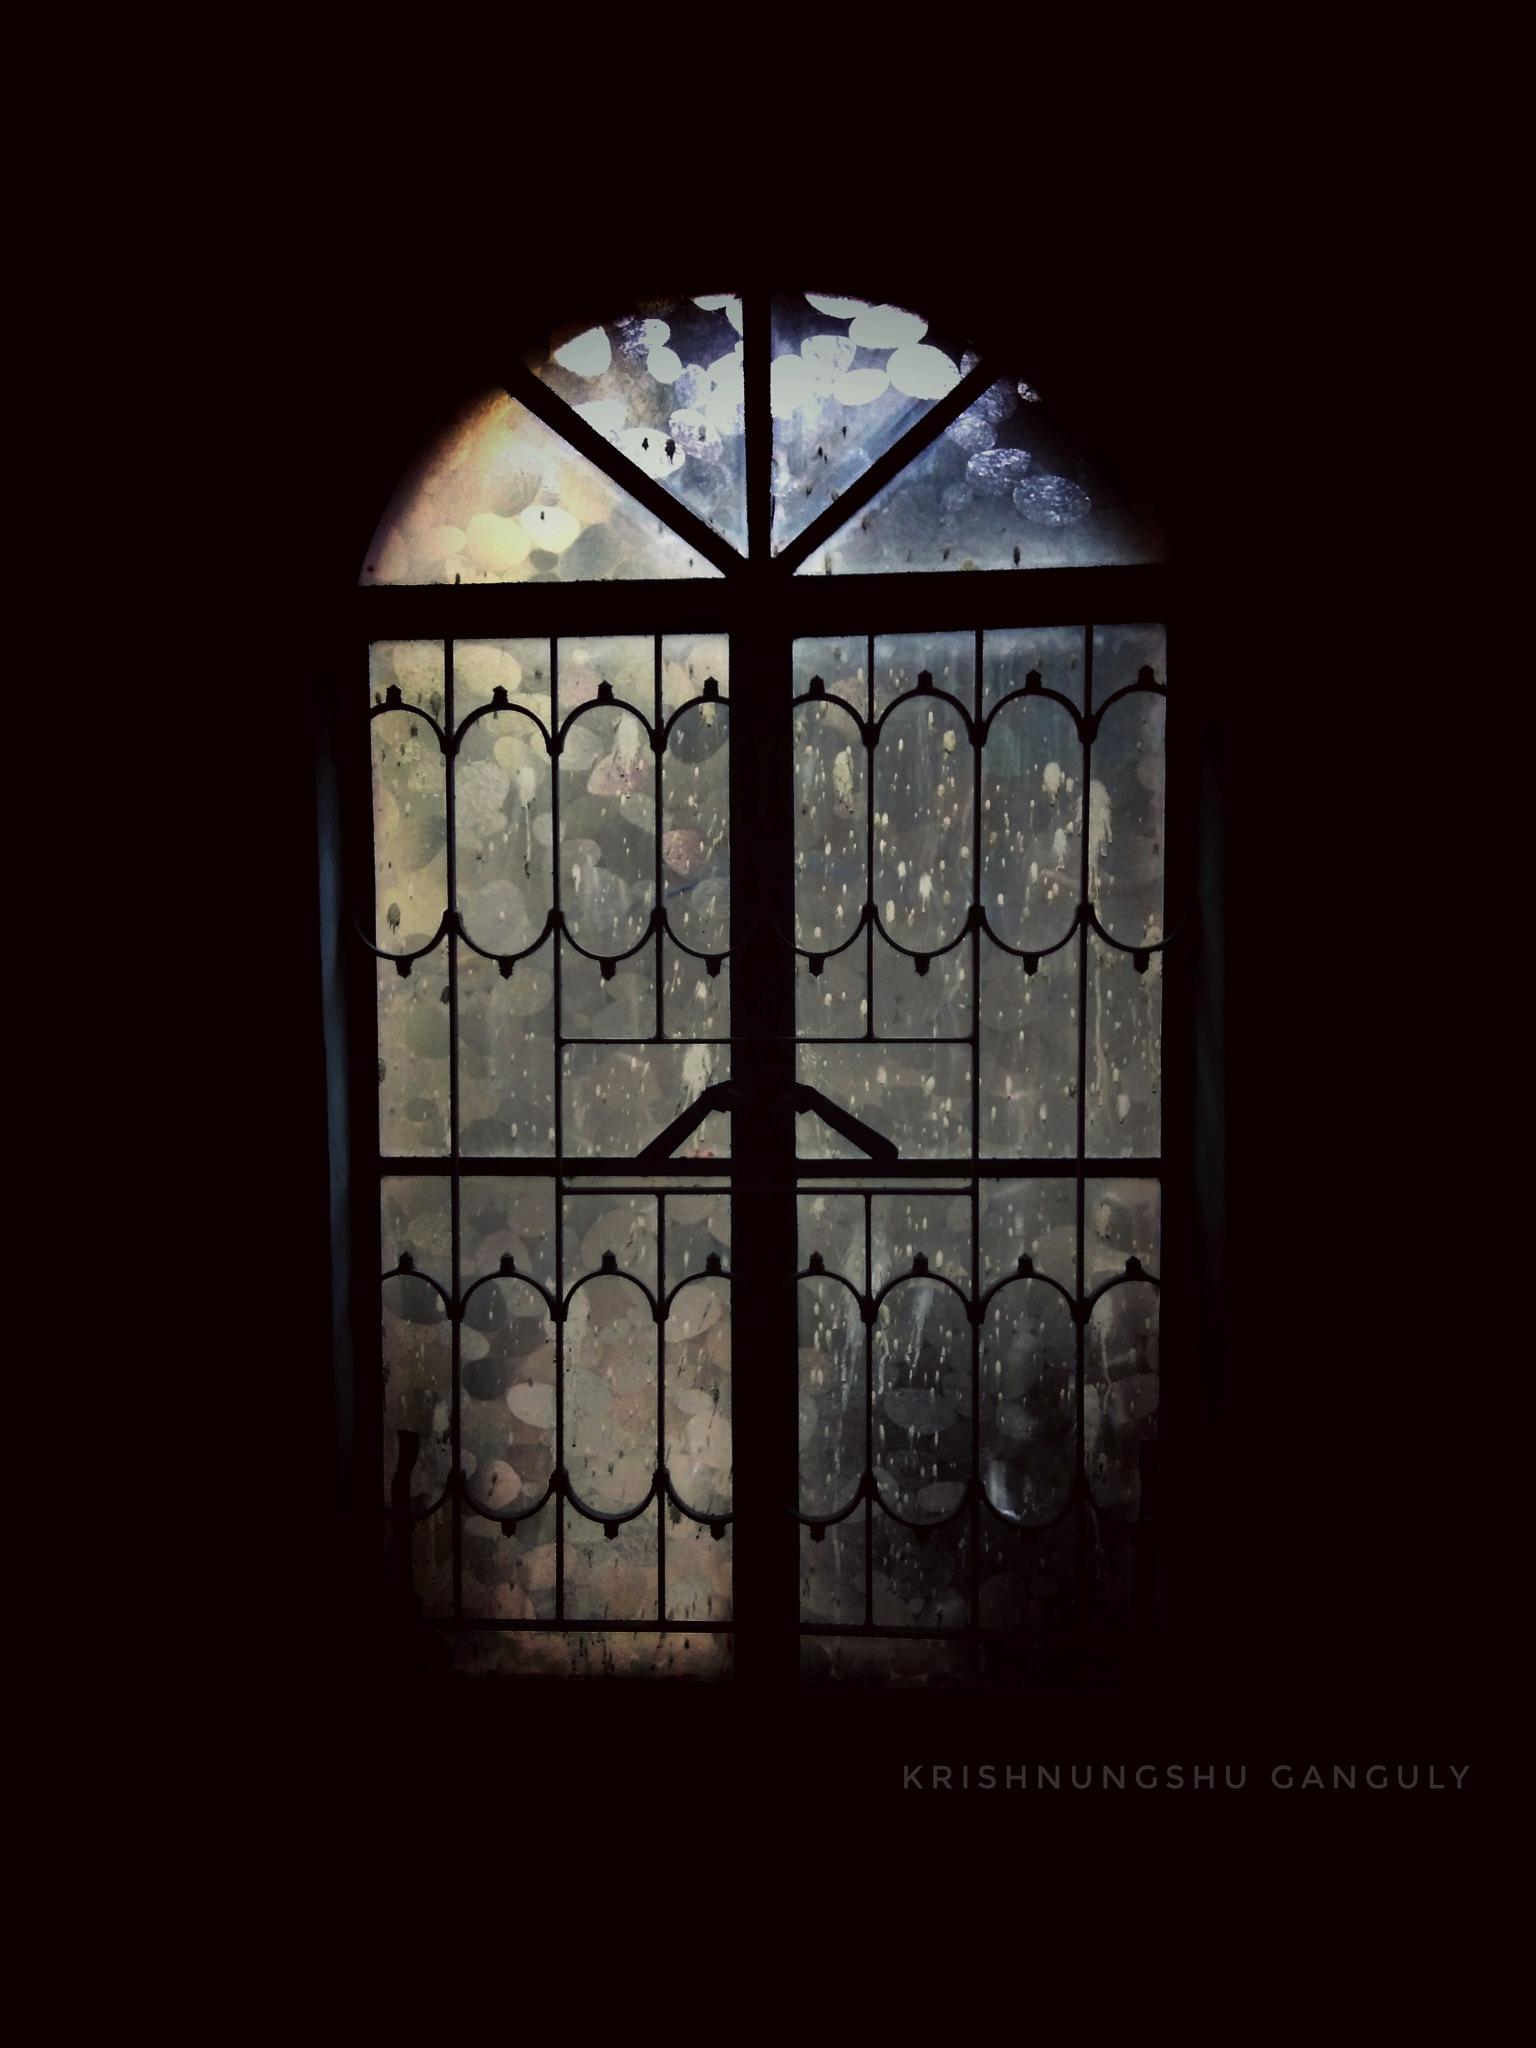 Window to Heaven by Krishnungshu Gangopadhyay